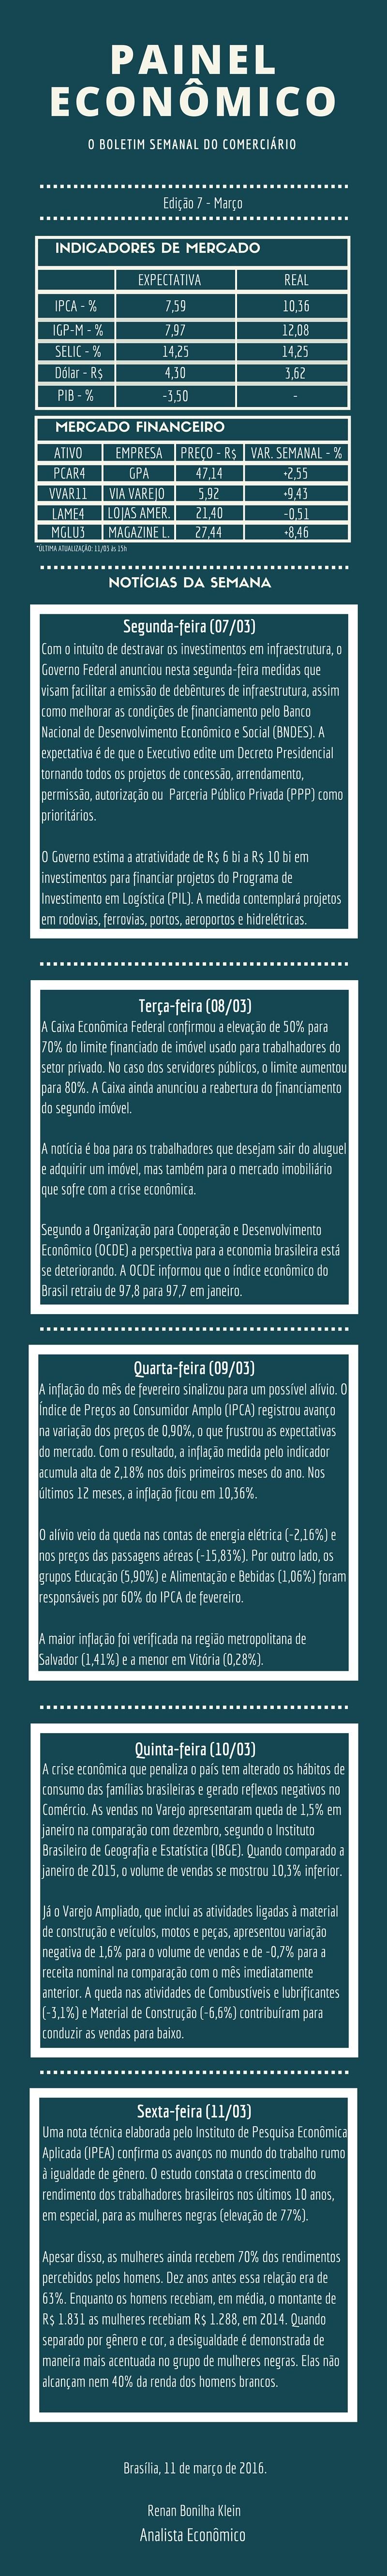 Painel Econômico - Edição 7 - Março